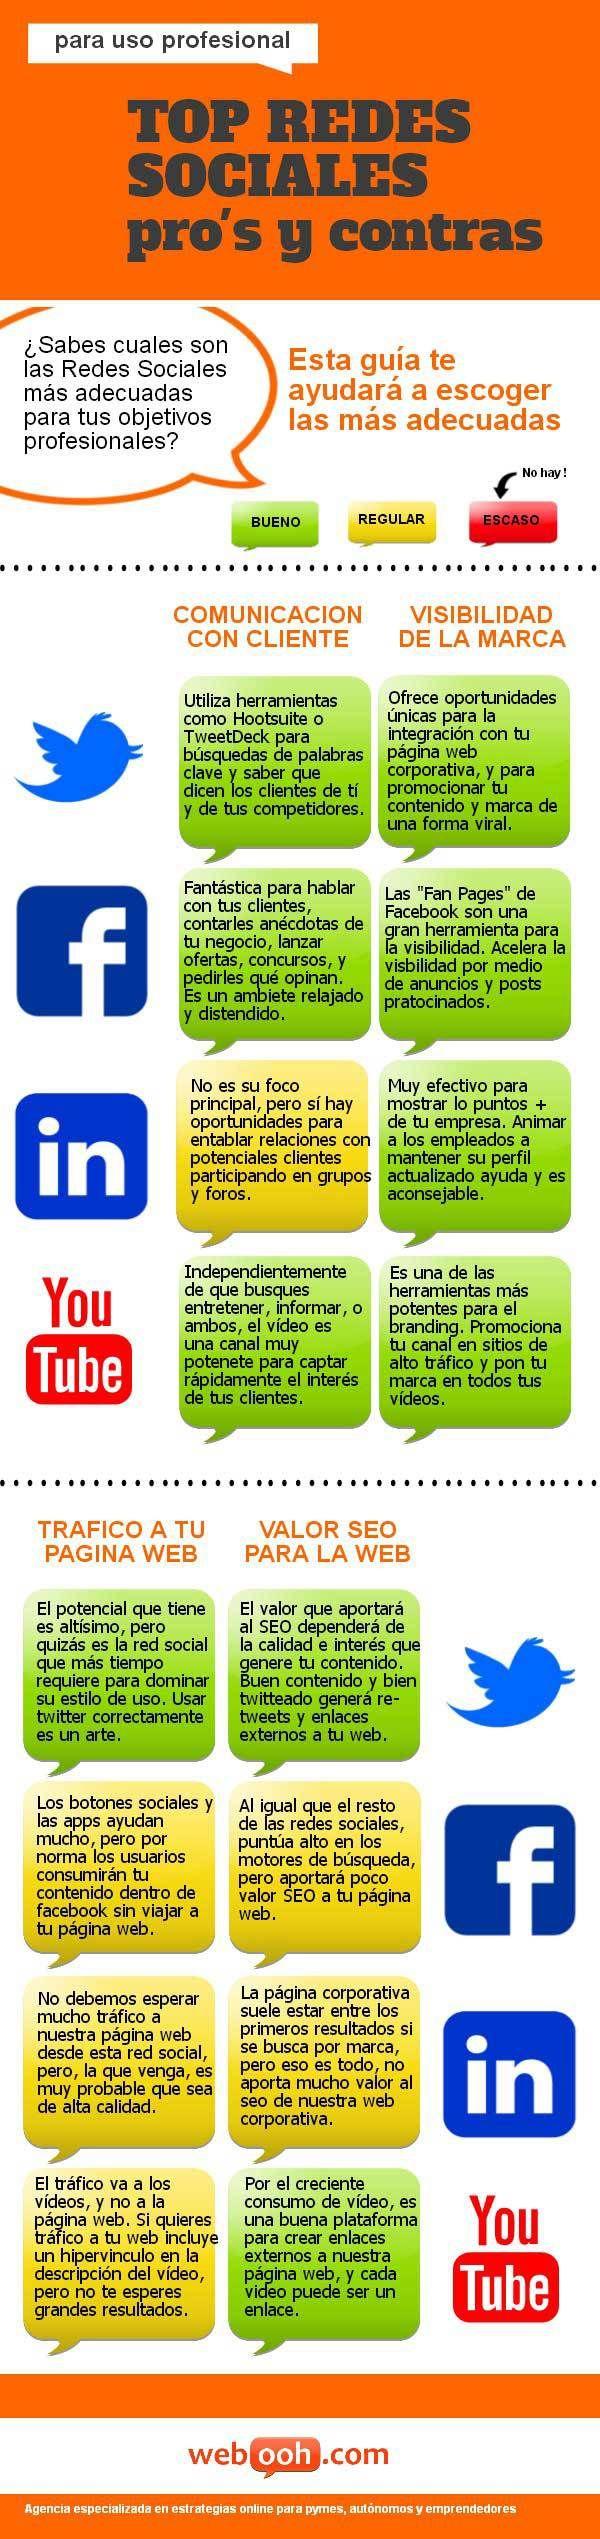 Top Redes Sociales para uso profesional: pros y contras